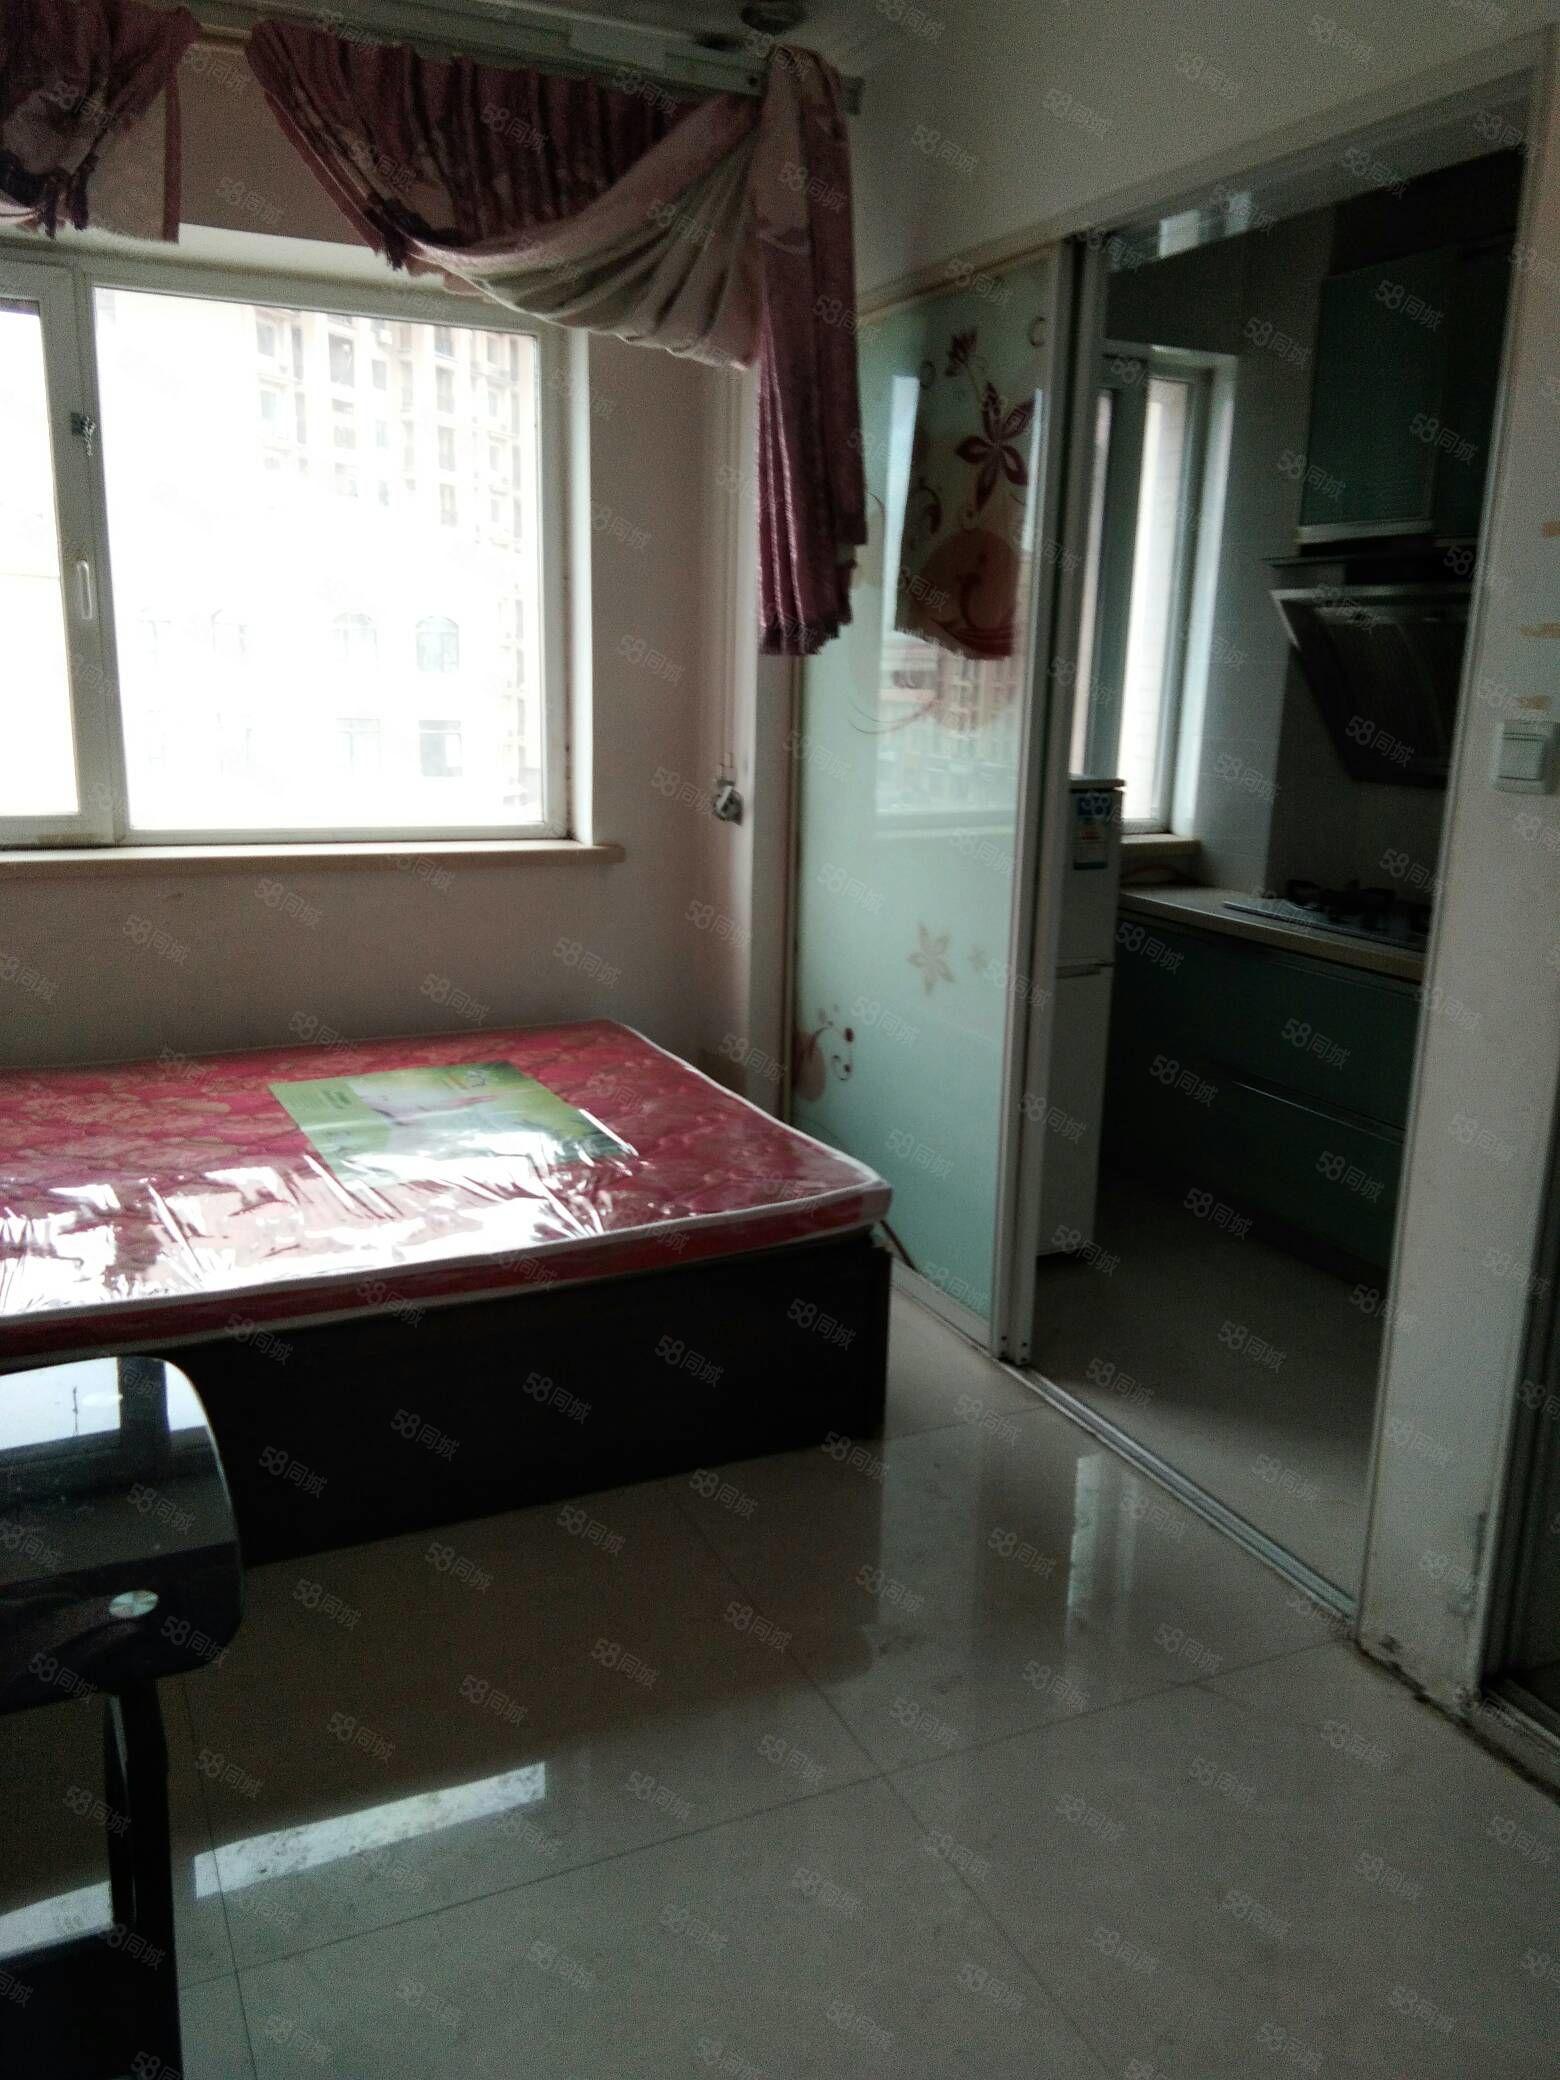 丽人公寓一室季付中装每月1000元包暖